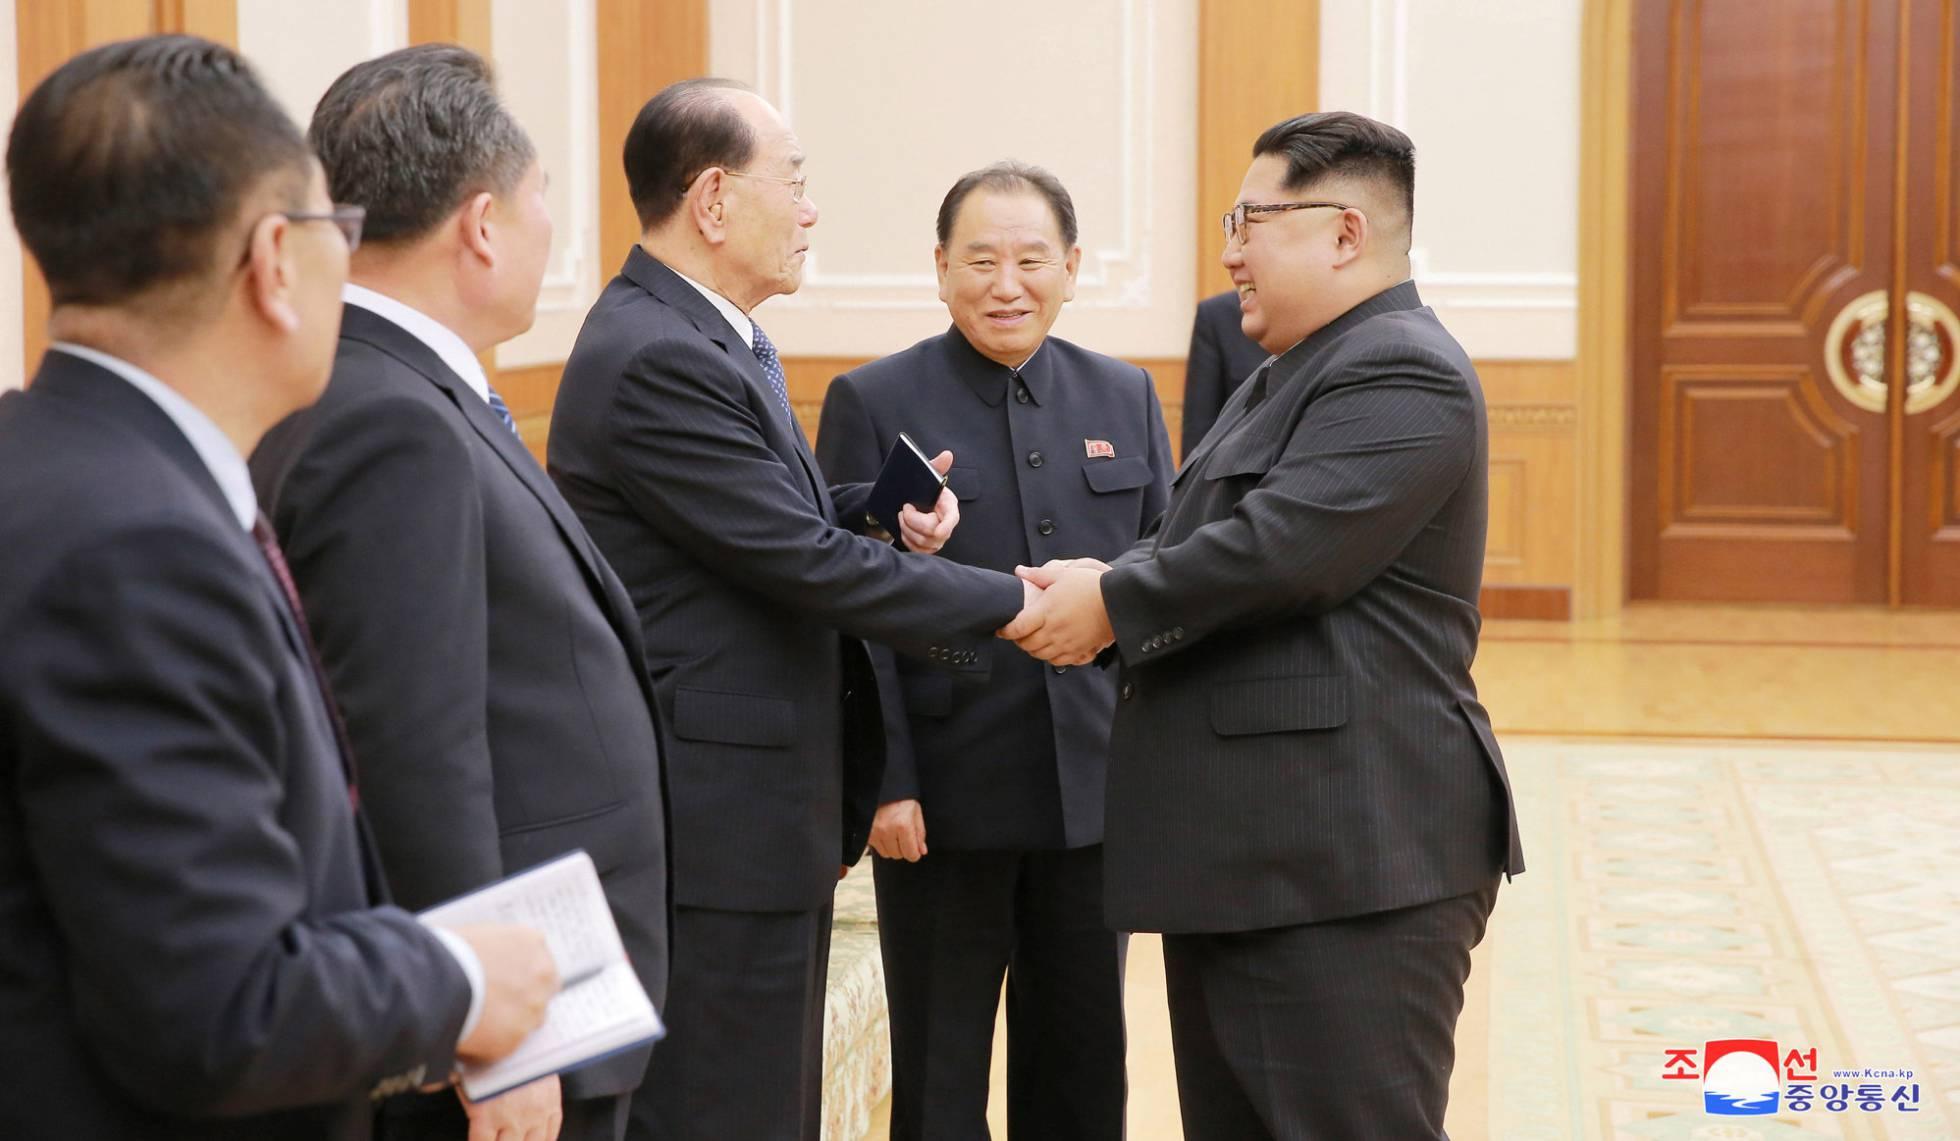 guerra - Corea Del Norte...¿La guerra se acerca? - Página 29 1518528718_316876_1518535528_noticia_normal_recorte1